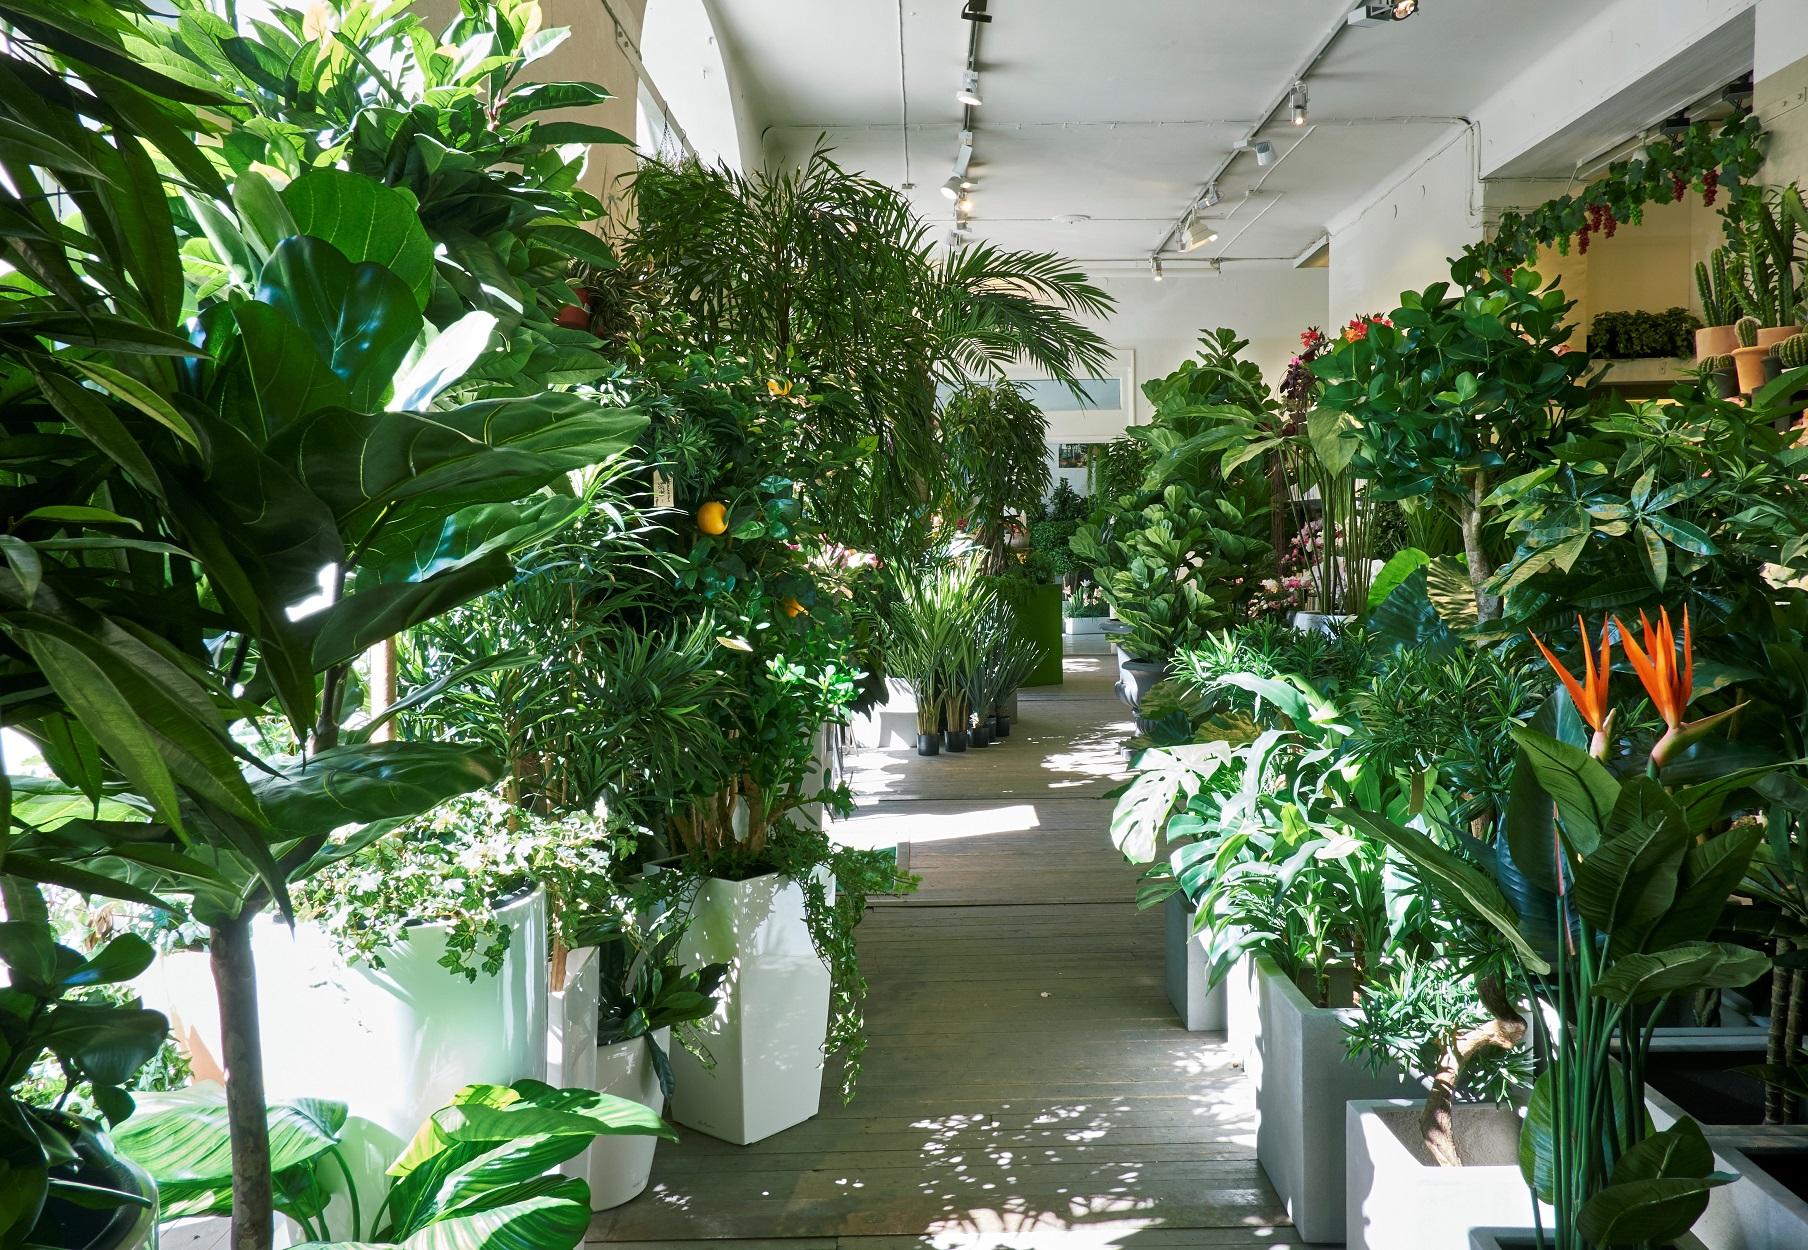 konstgjorda gröna växter